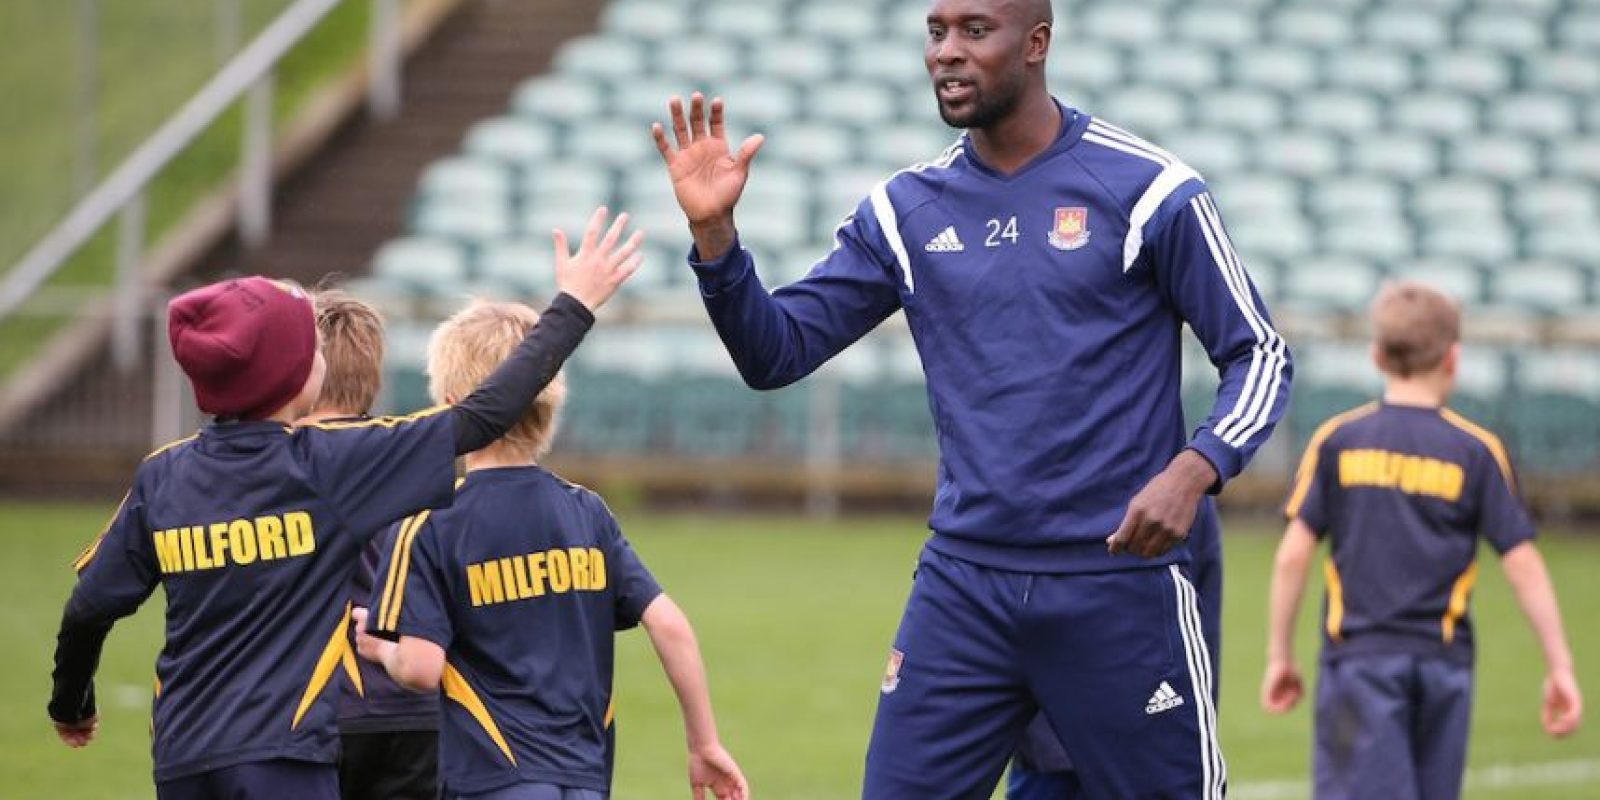 Los pequeños en un entrenamiento del West Ham United de Inglaterra. Foto:Getty Images